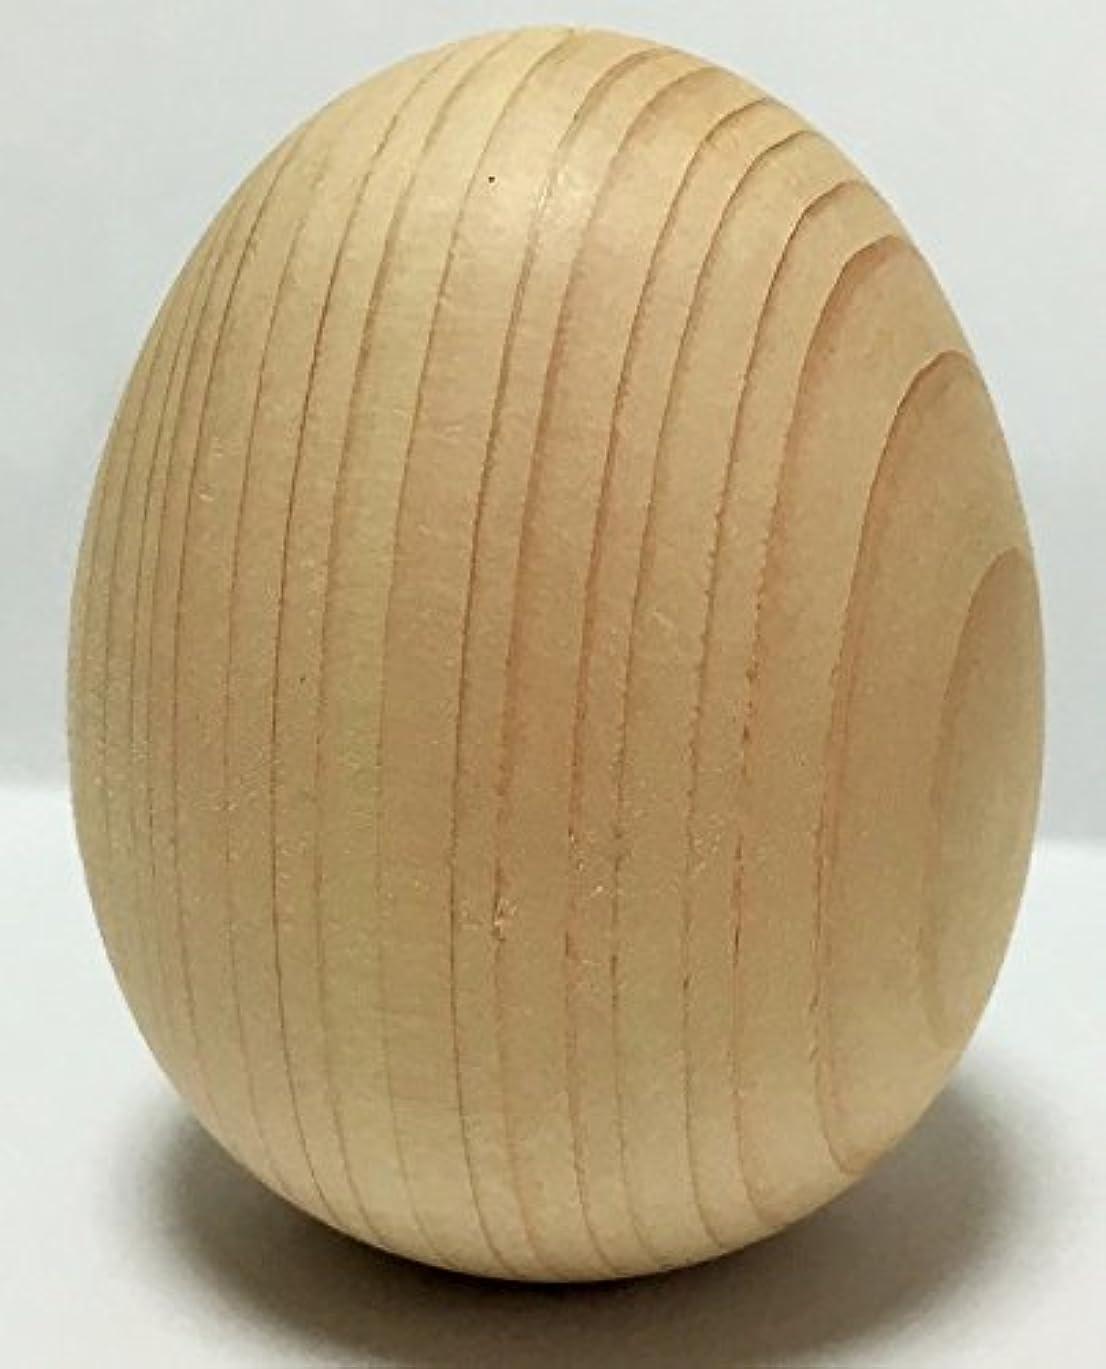 切り刻む評価する真剣に1個から購入できる!卵型ヒノキボール タマゴ型 檜ボール 桧ボール ひのきボール 玉